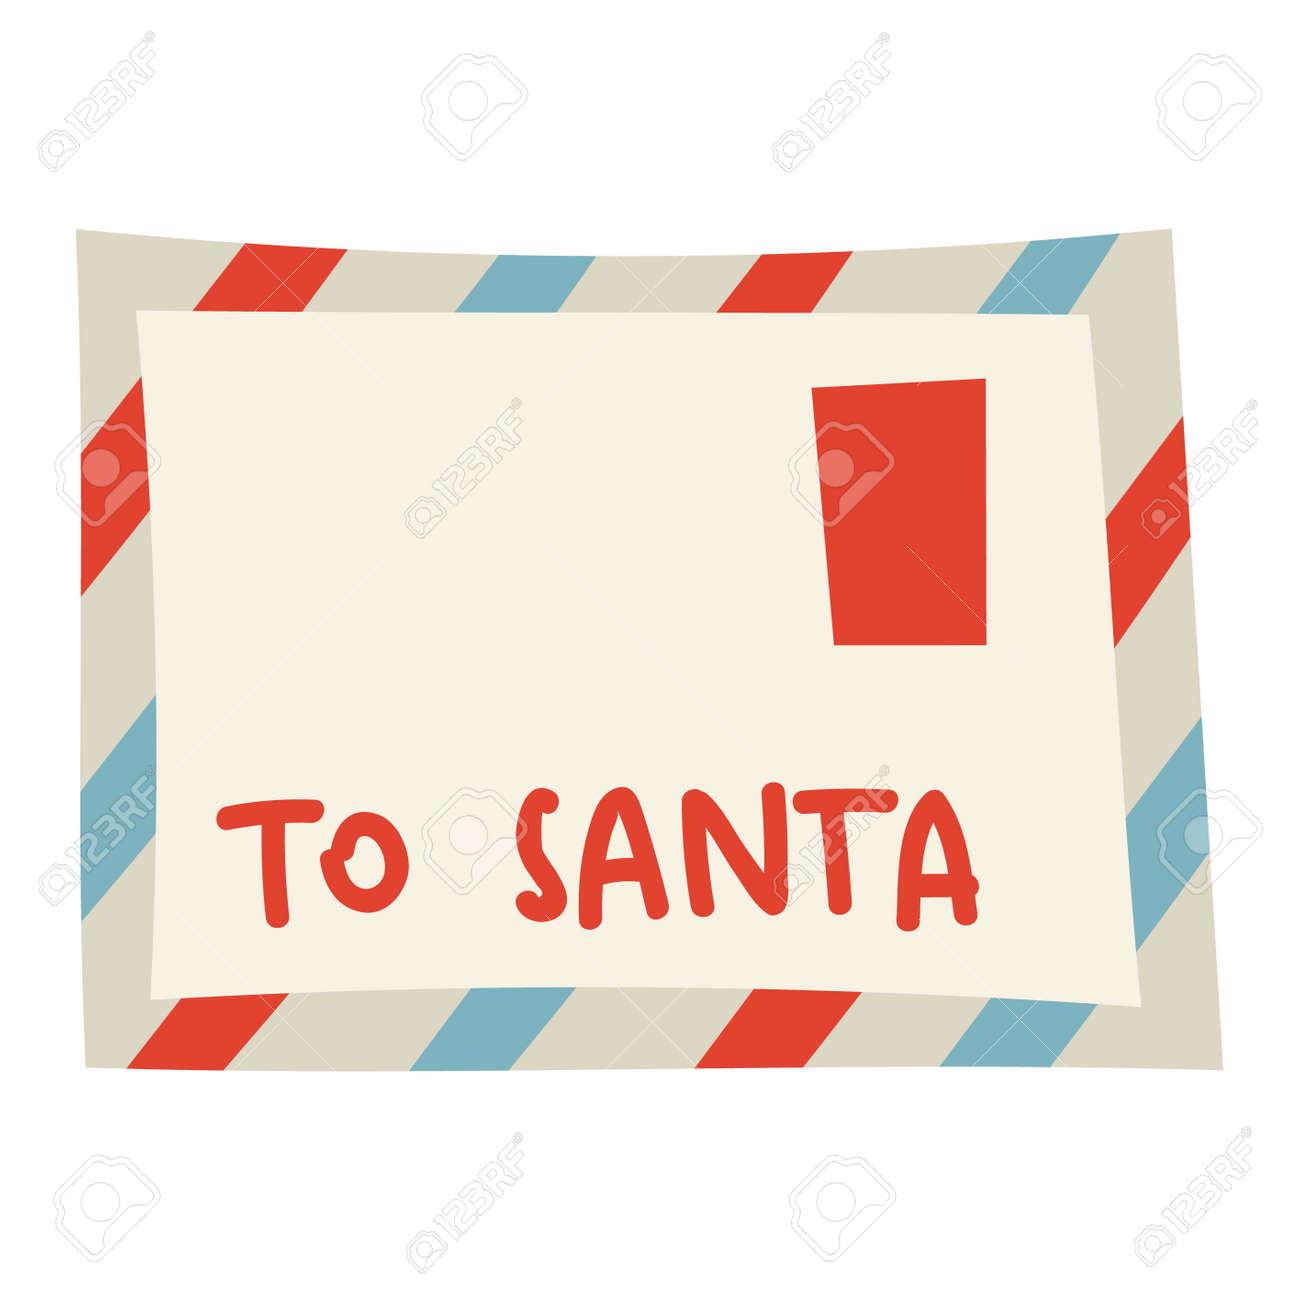 Lettre Electronique Au Pere Noel.Blank Christmas Defiler Carte Postale Pere Noel Cadeau De Voeux Electronique Isole Sur Fond Blanc Claus Papier Vecteur Voeux Cadeau Lettre Pere Pere